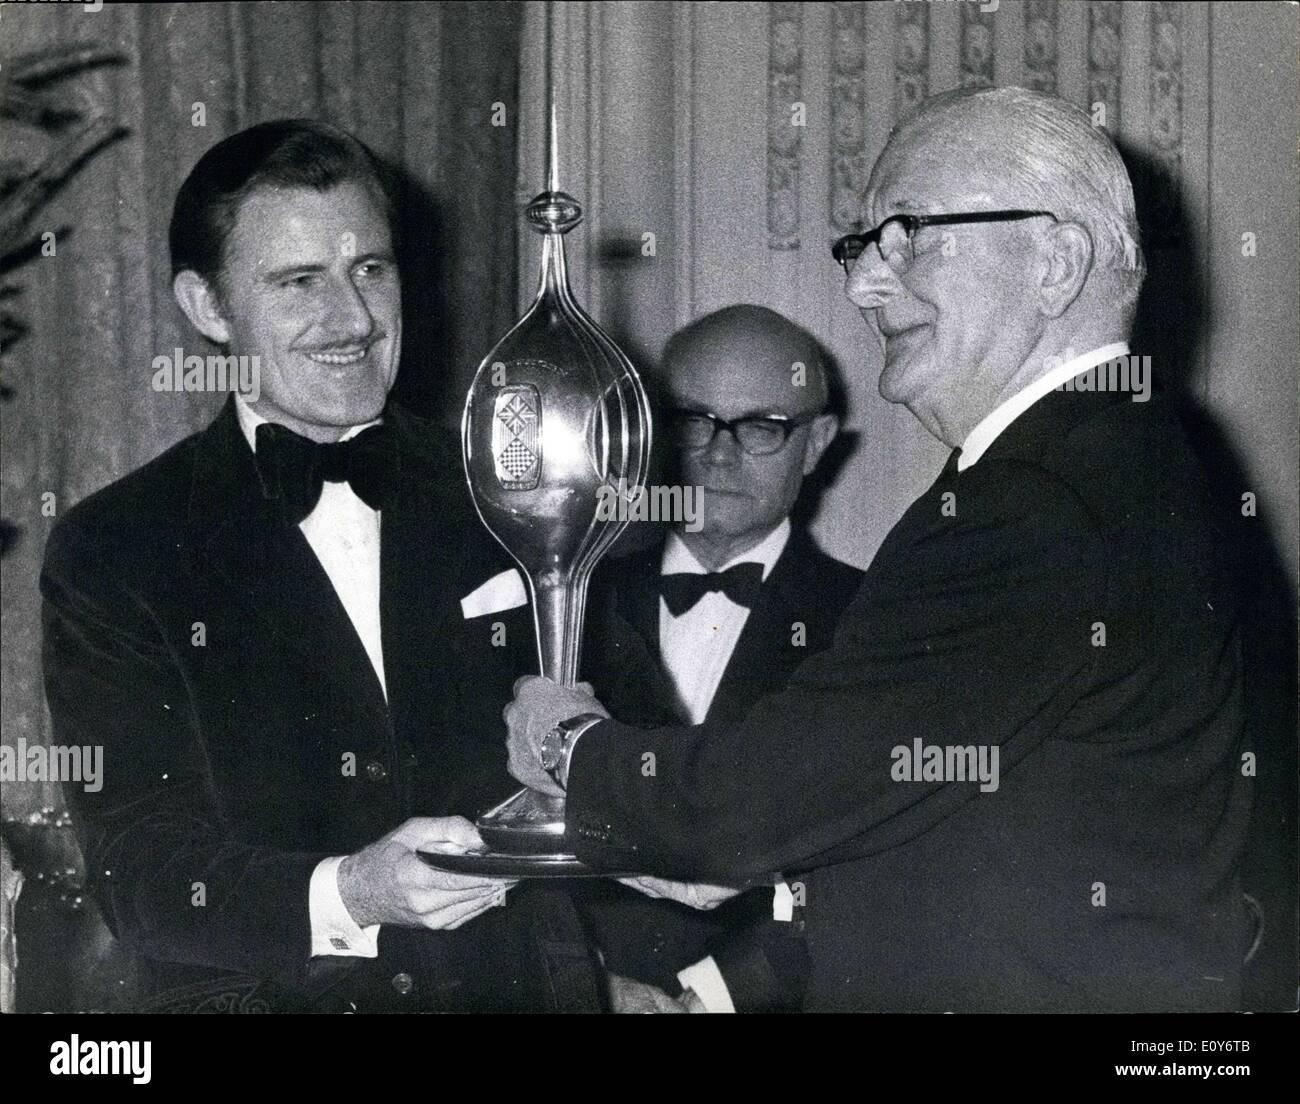 Le 12 décembre 1968 - Présentation du sport automobile 1968 pilote de course Prix Graham Hill a présenté avec deux trophées: La présentation de la 1968 Motor Sport Awards a eu lieu hier soir à un dîner organisé au Royal Automobile club, Pall Mall, London. Pilote de course britannique Graham Hill, a été présenté avec deux trophées - le trophée commémoratif Hawthorn (créé en 1959 par le R.A.C pour commémorer la mort de pilote de course Mike Hawthorn) - et la F.I.A. Trophée du Championnat du Monde Photo Stock